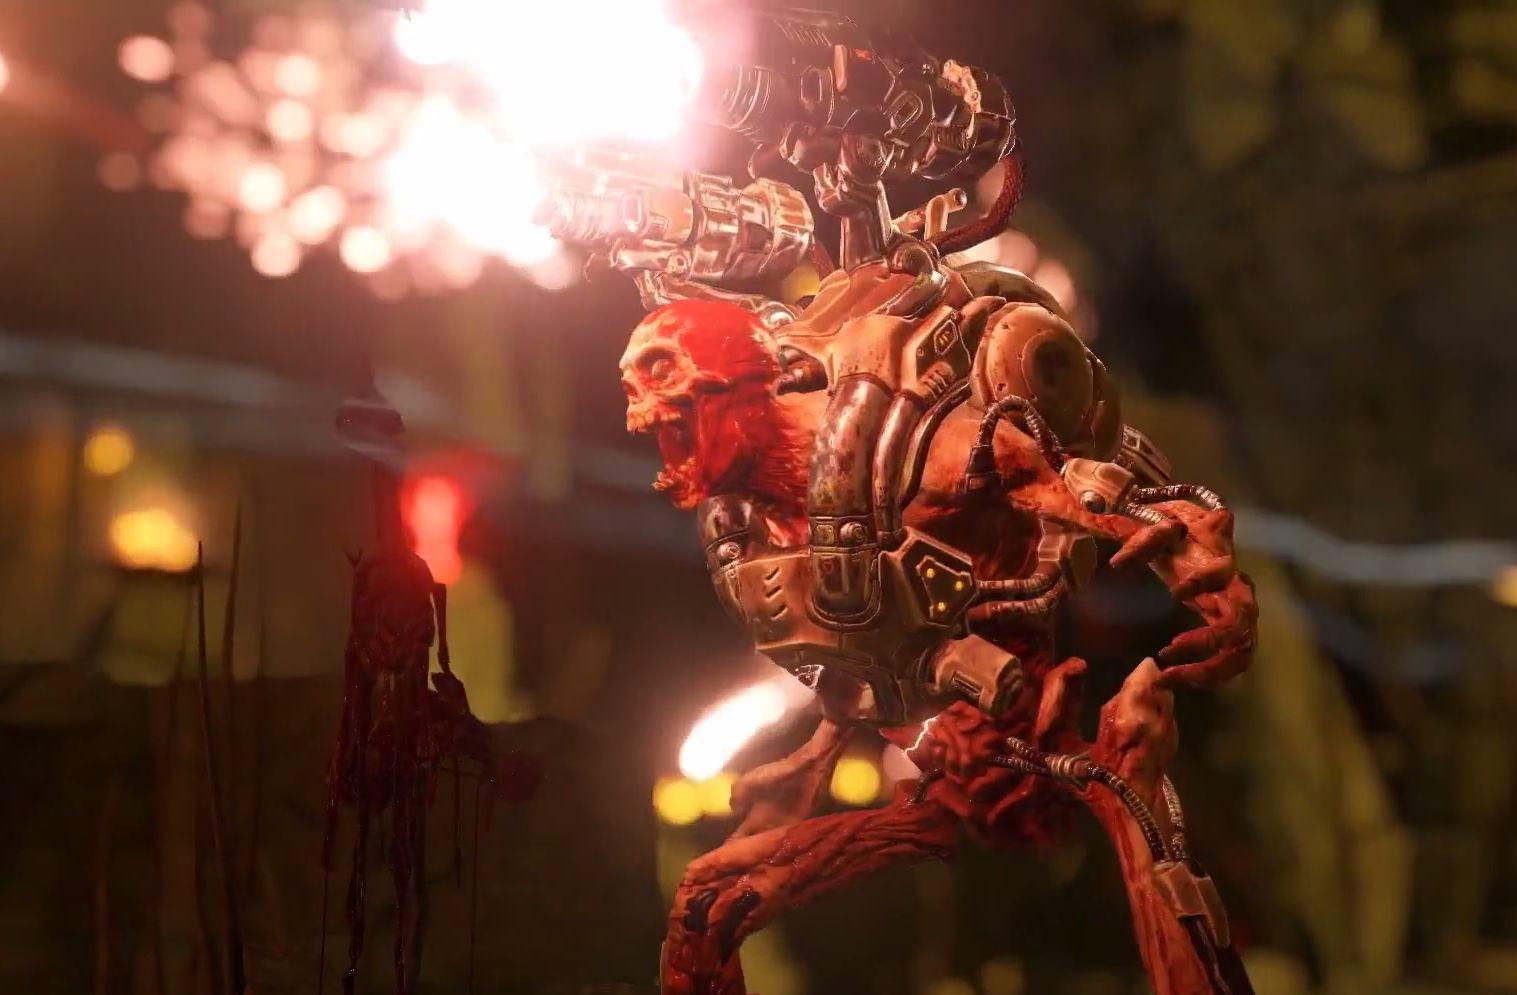 Bethesda veröffentlicht Teaser zu Doom 4